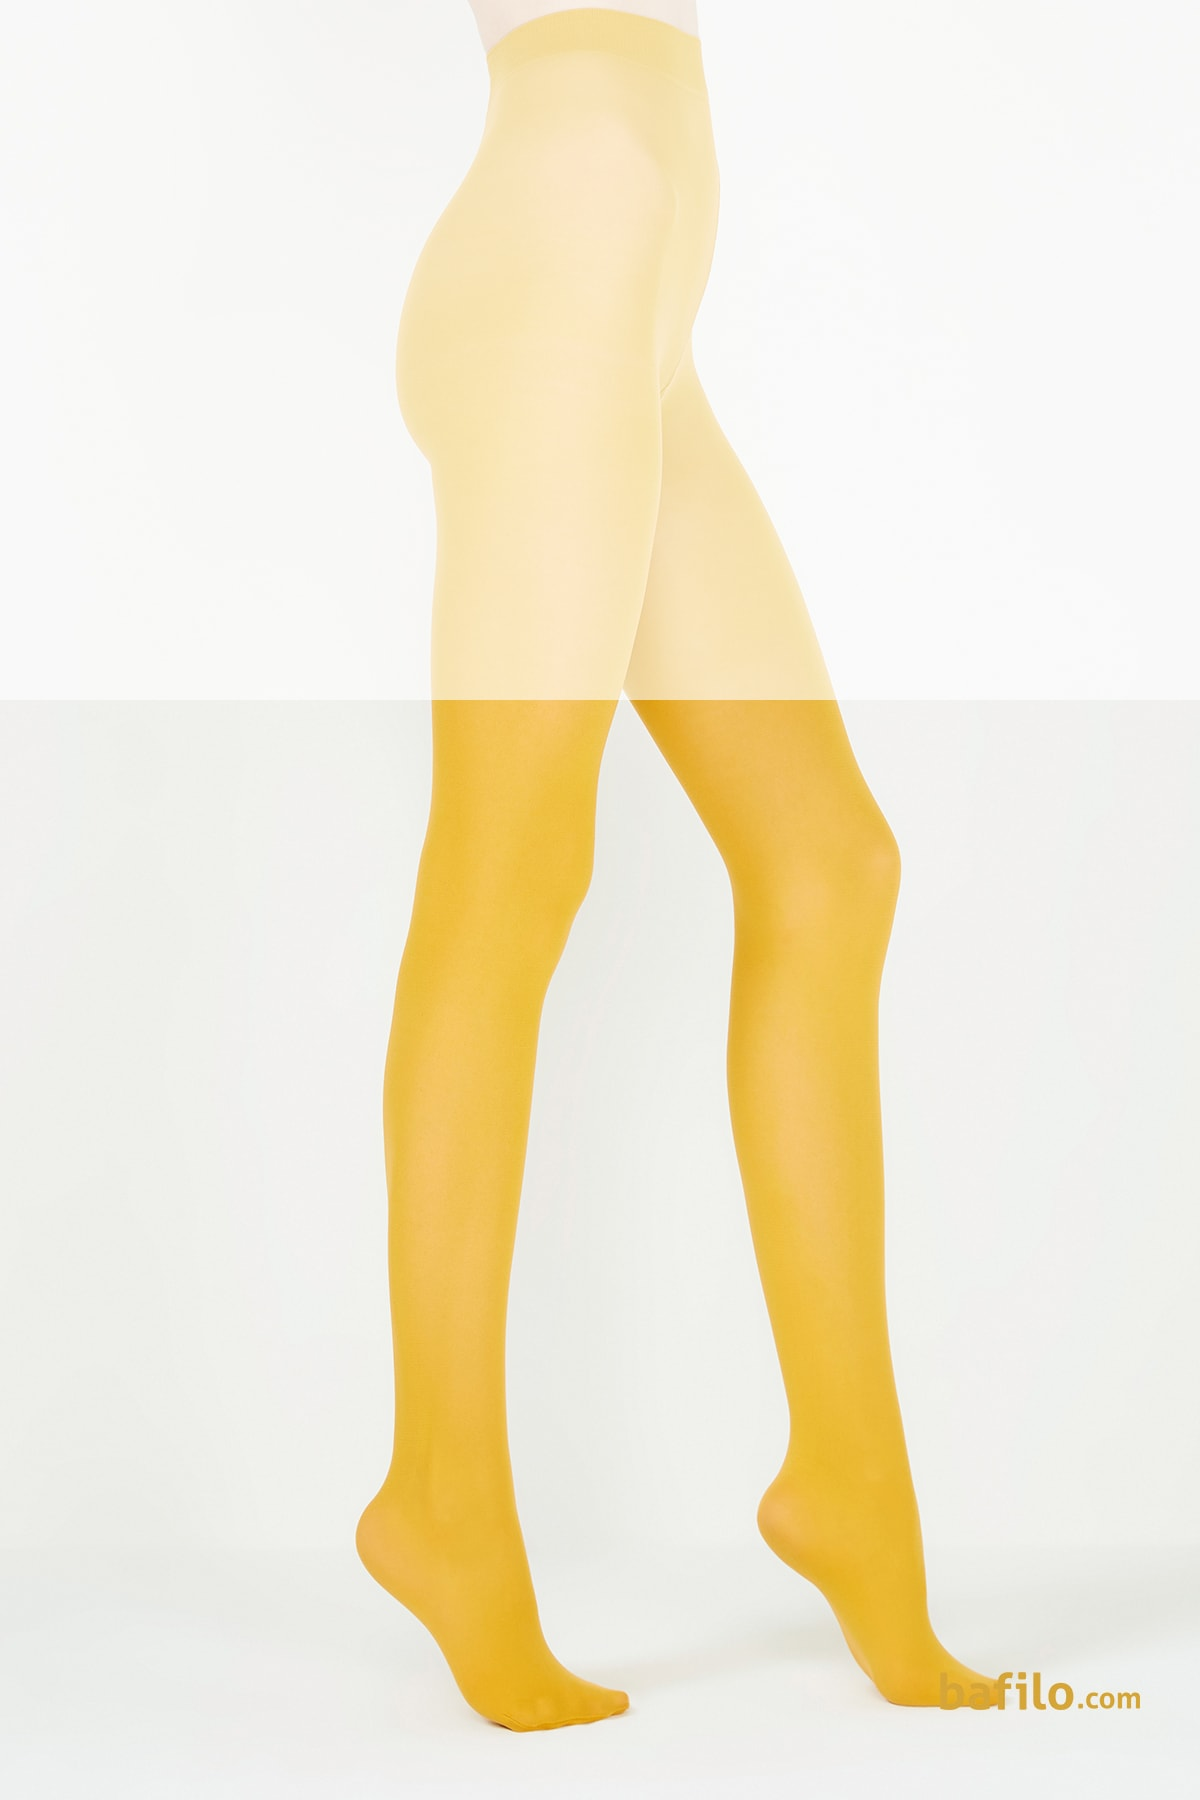 جوراب شلواری زنانه پنتی Mikro 40 خردلی